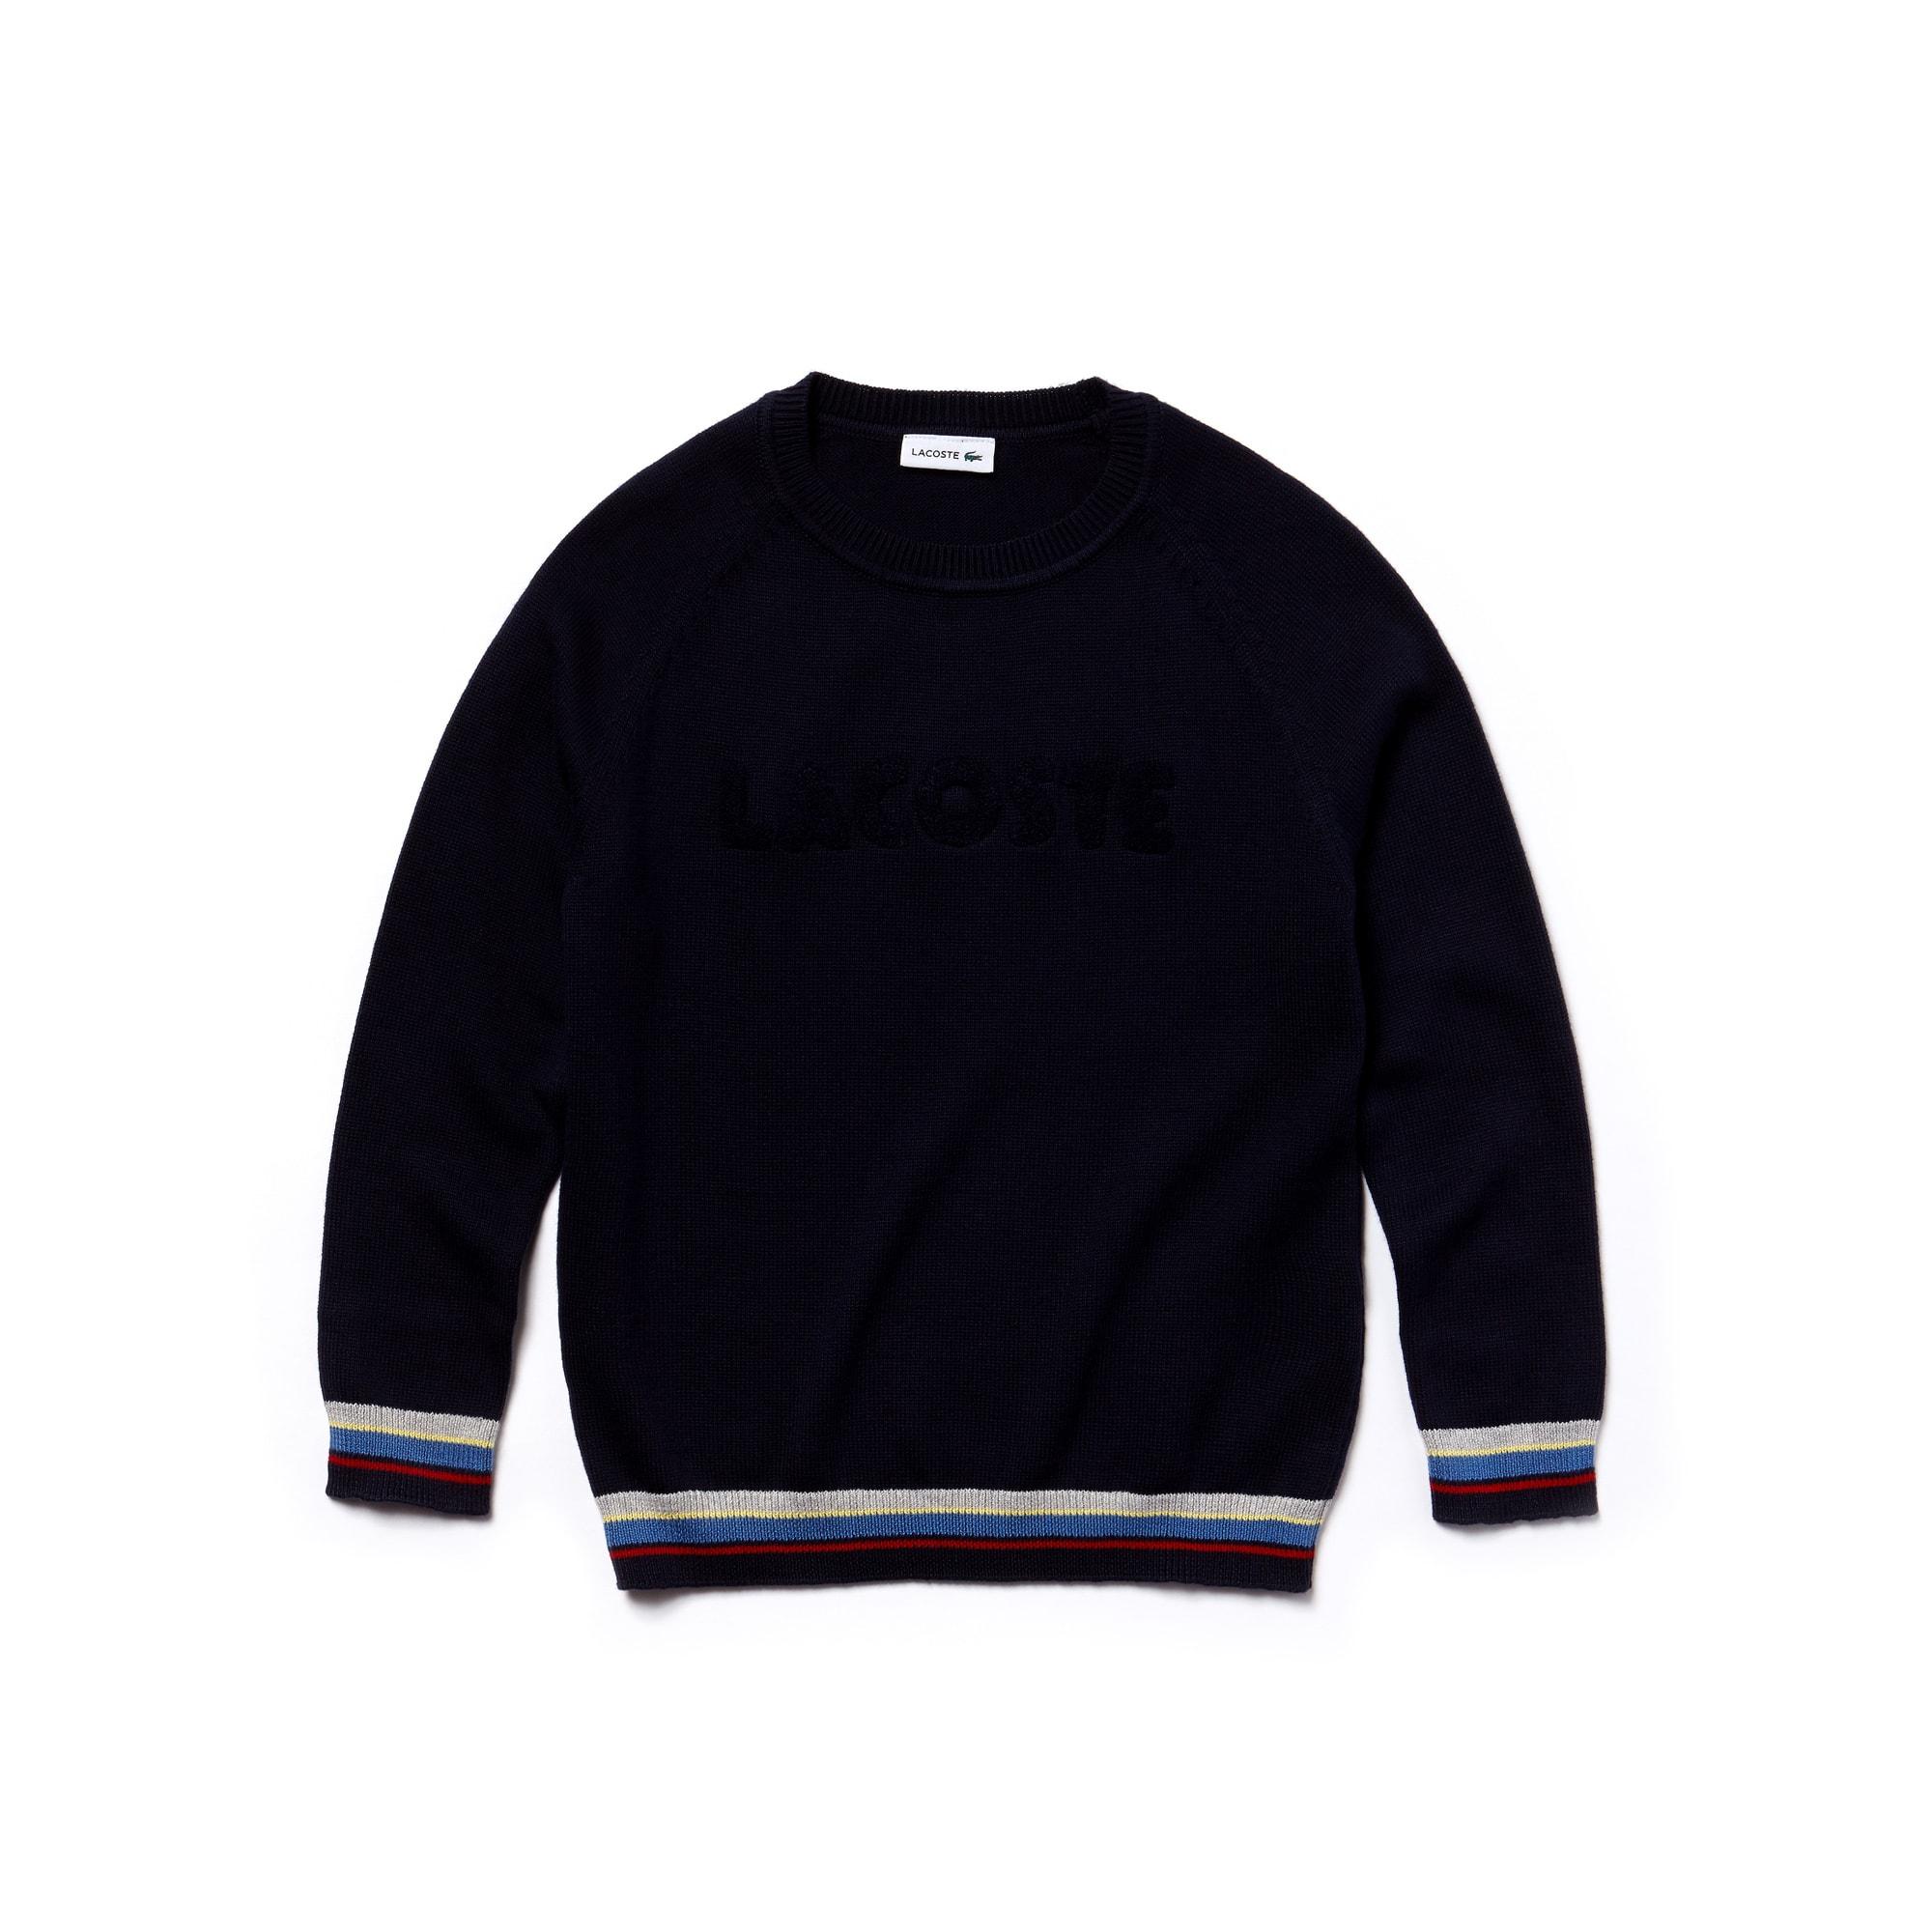 Camisola decote redondo Menino em jersey com marcação LACOSTE